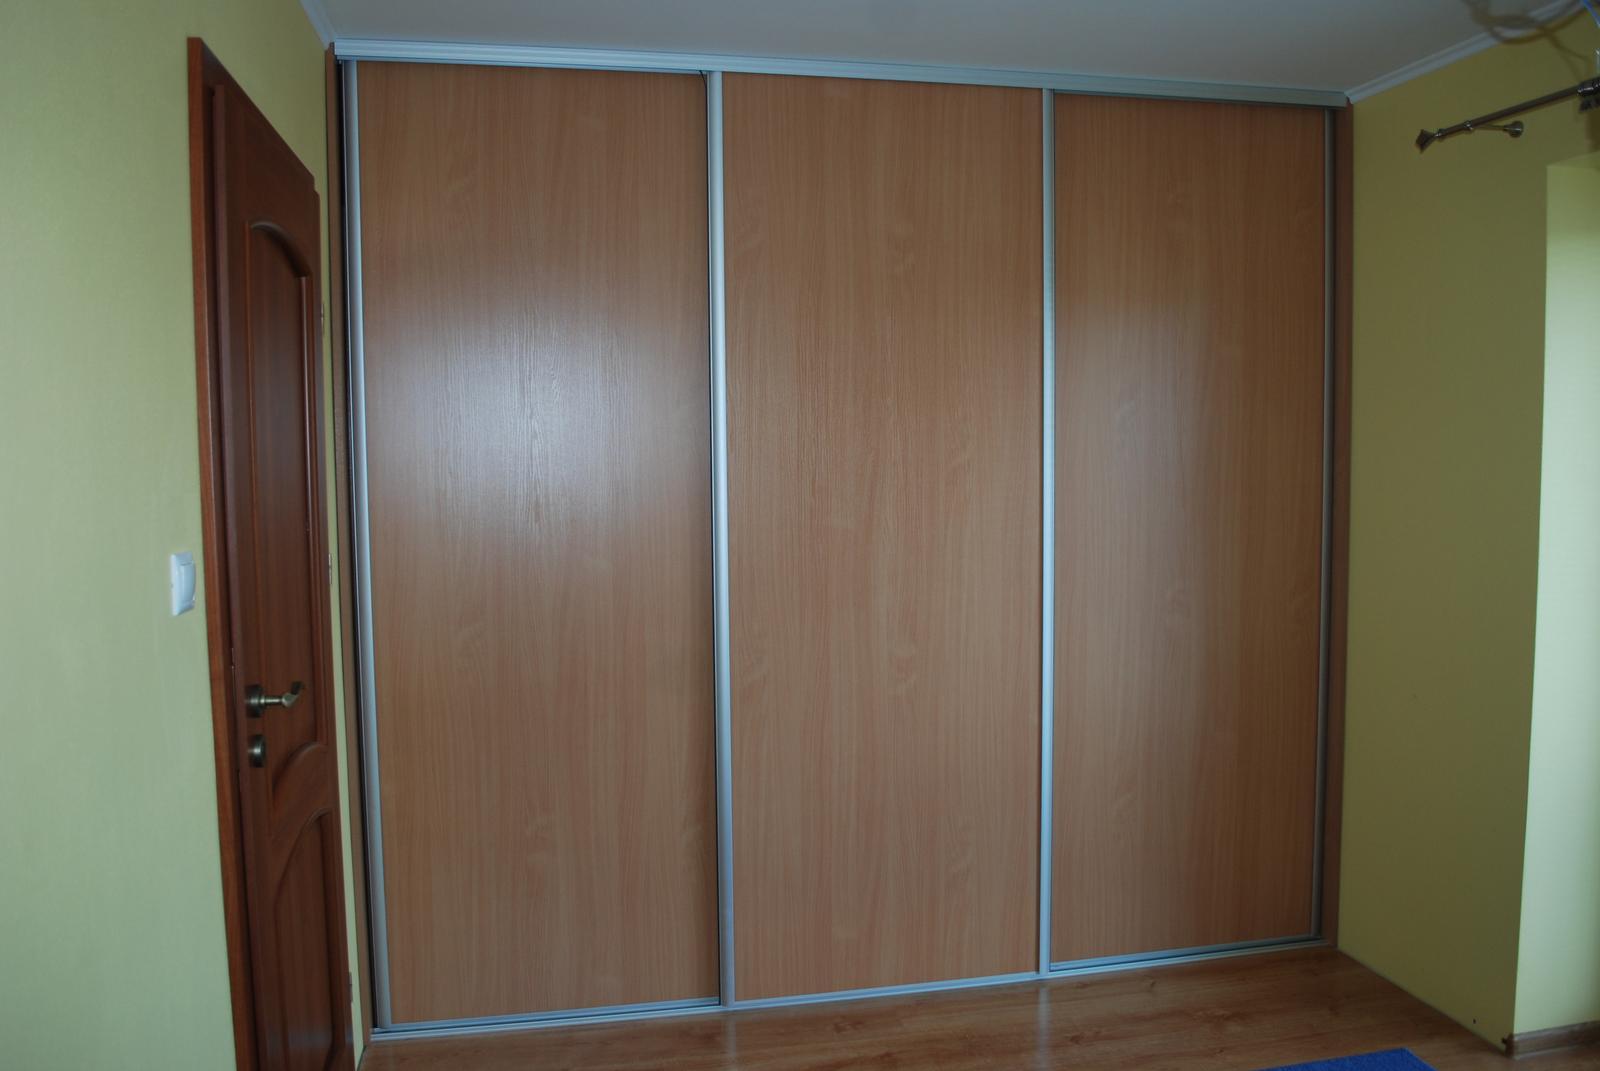 Vstavané skrine - Obrázok č. 167